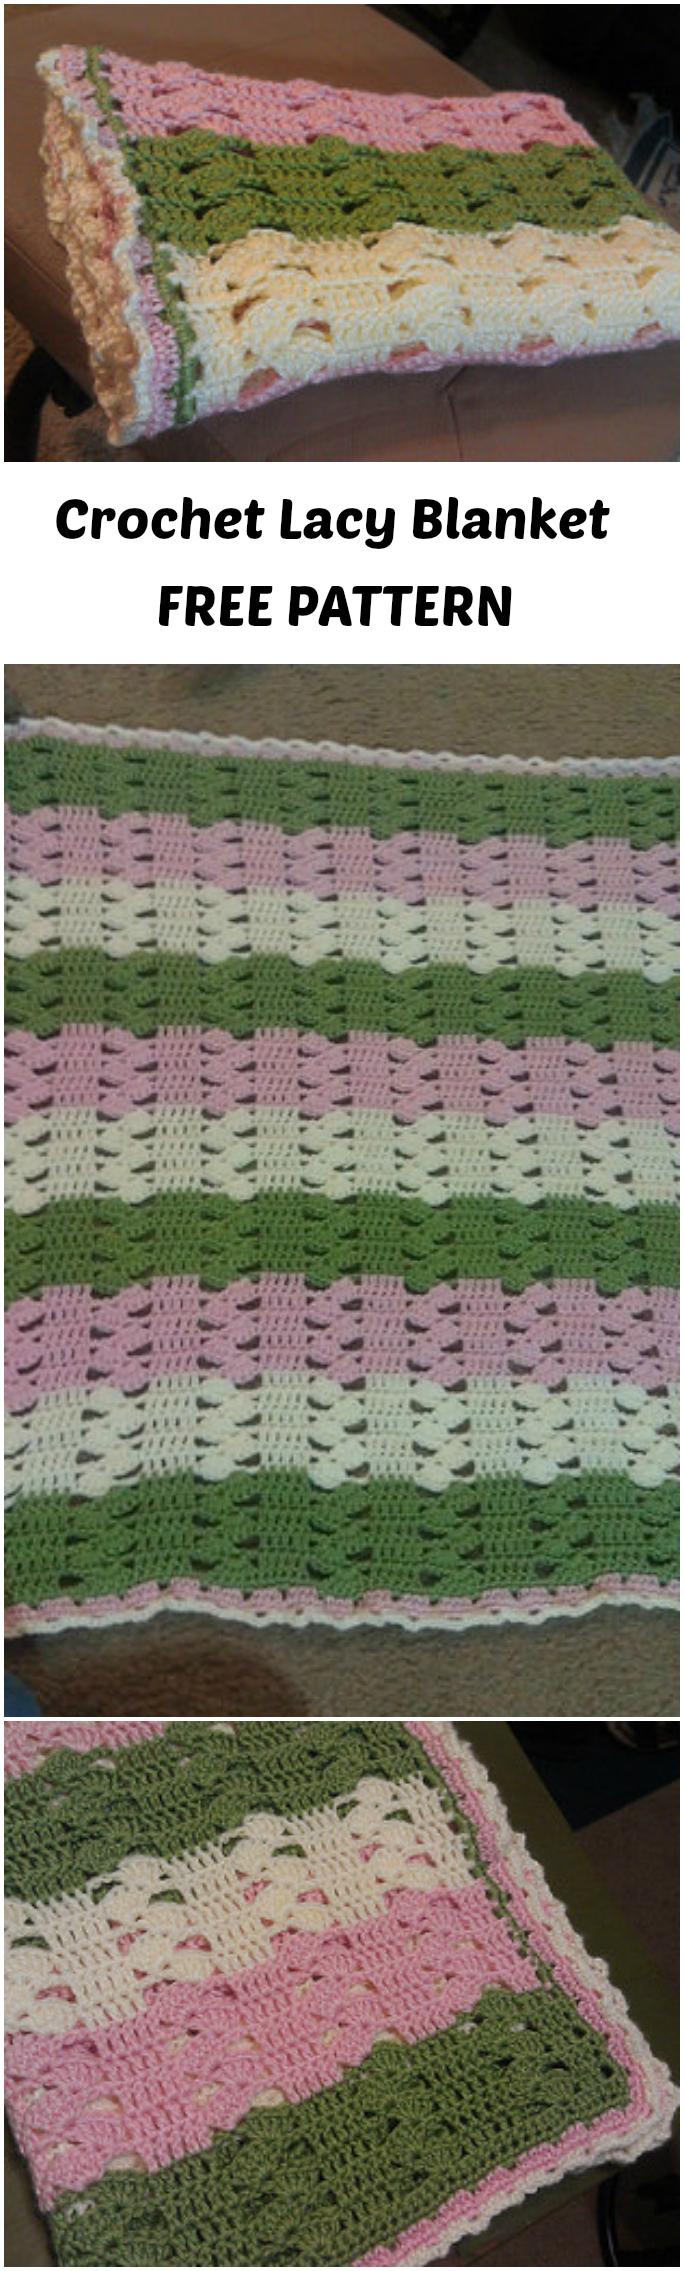 Crochet Lacy Baby Blanket - Pretty Ideas